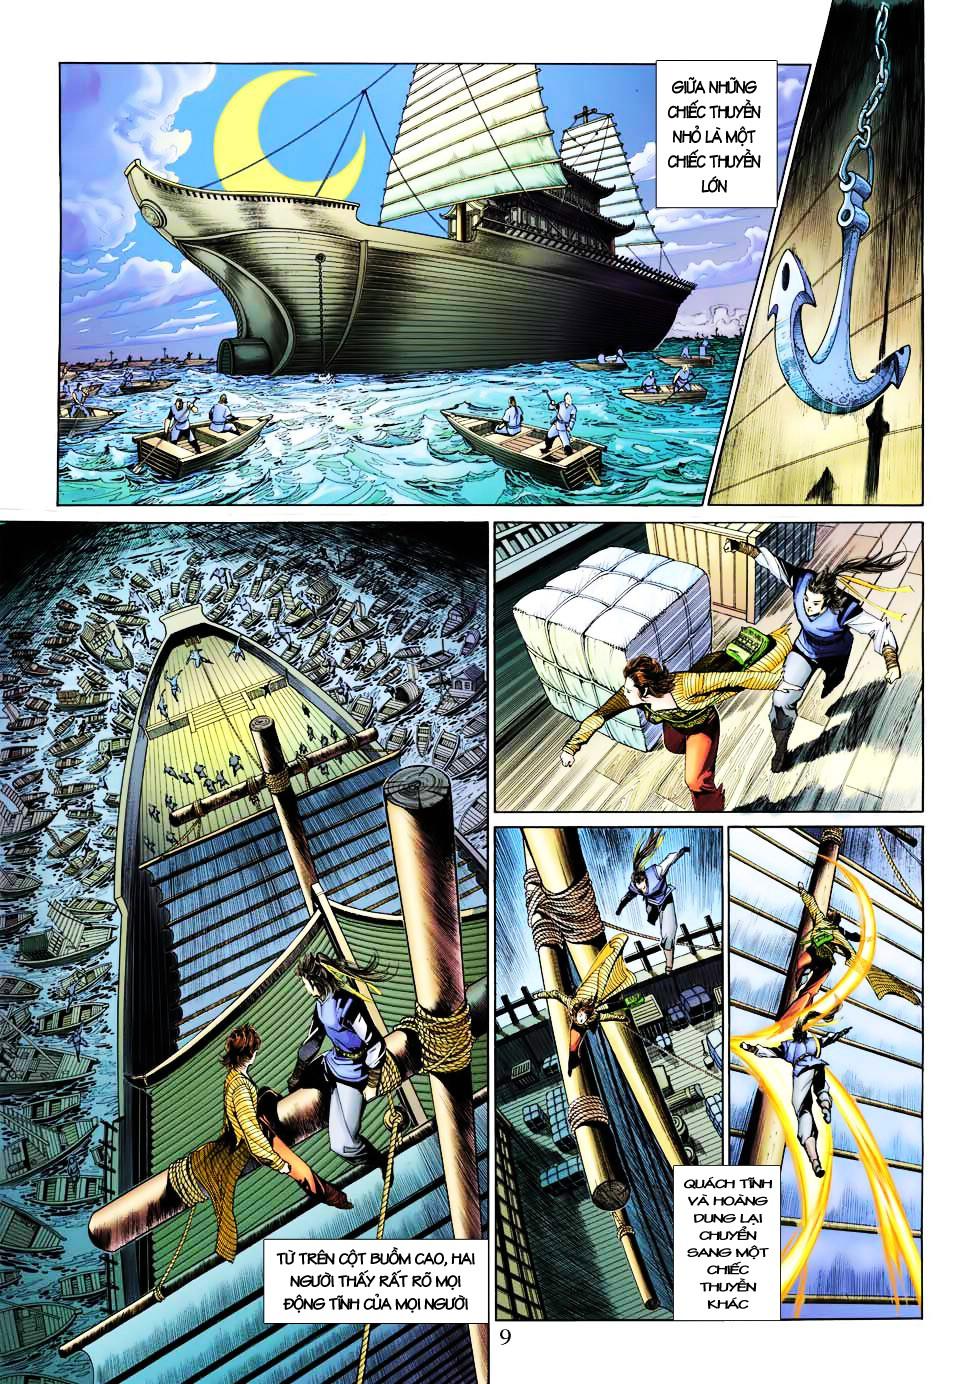 Anh Hùng Xạ Điêu anh hùng xạ đêu chap 27 trang 9